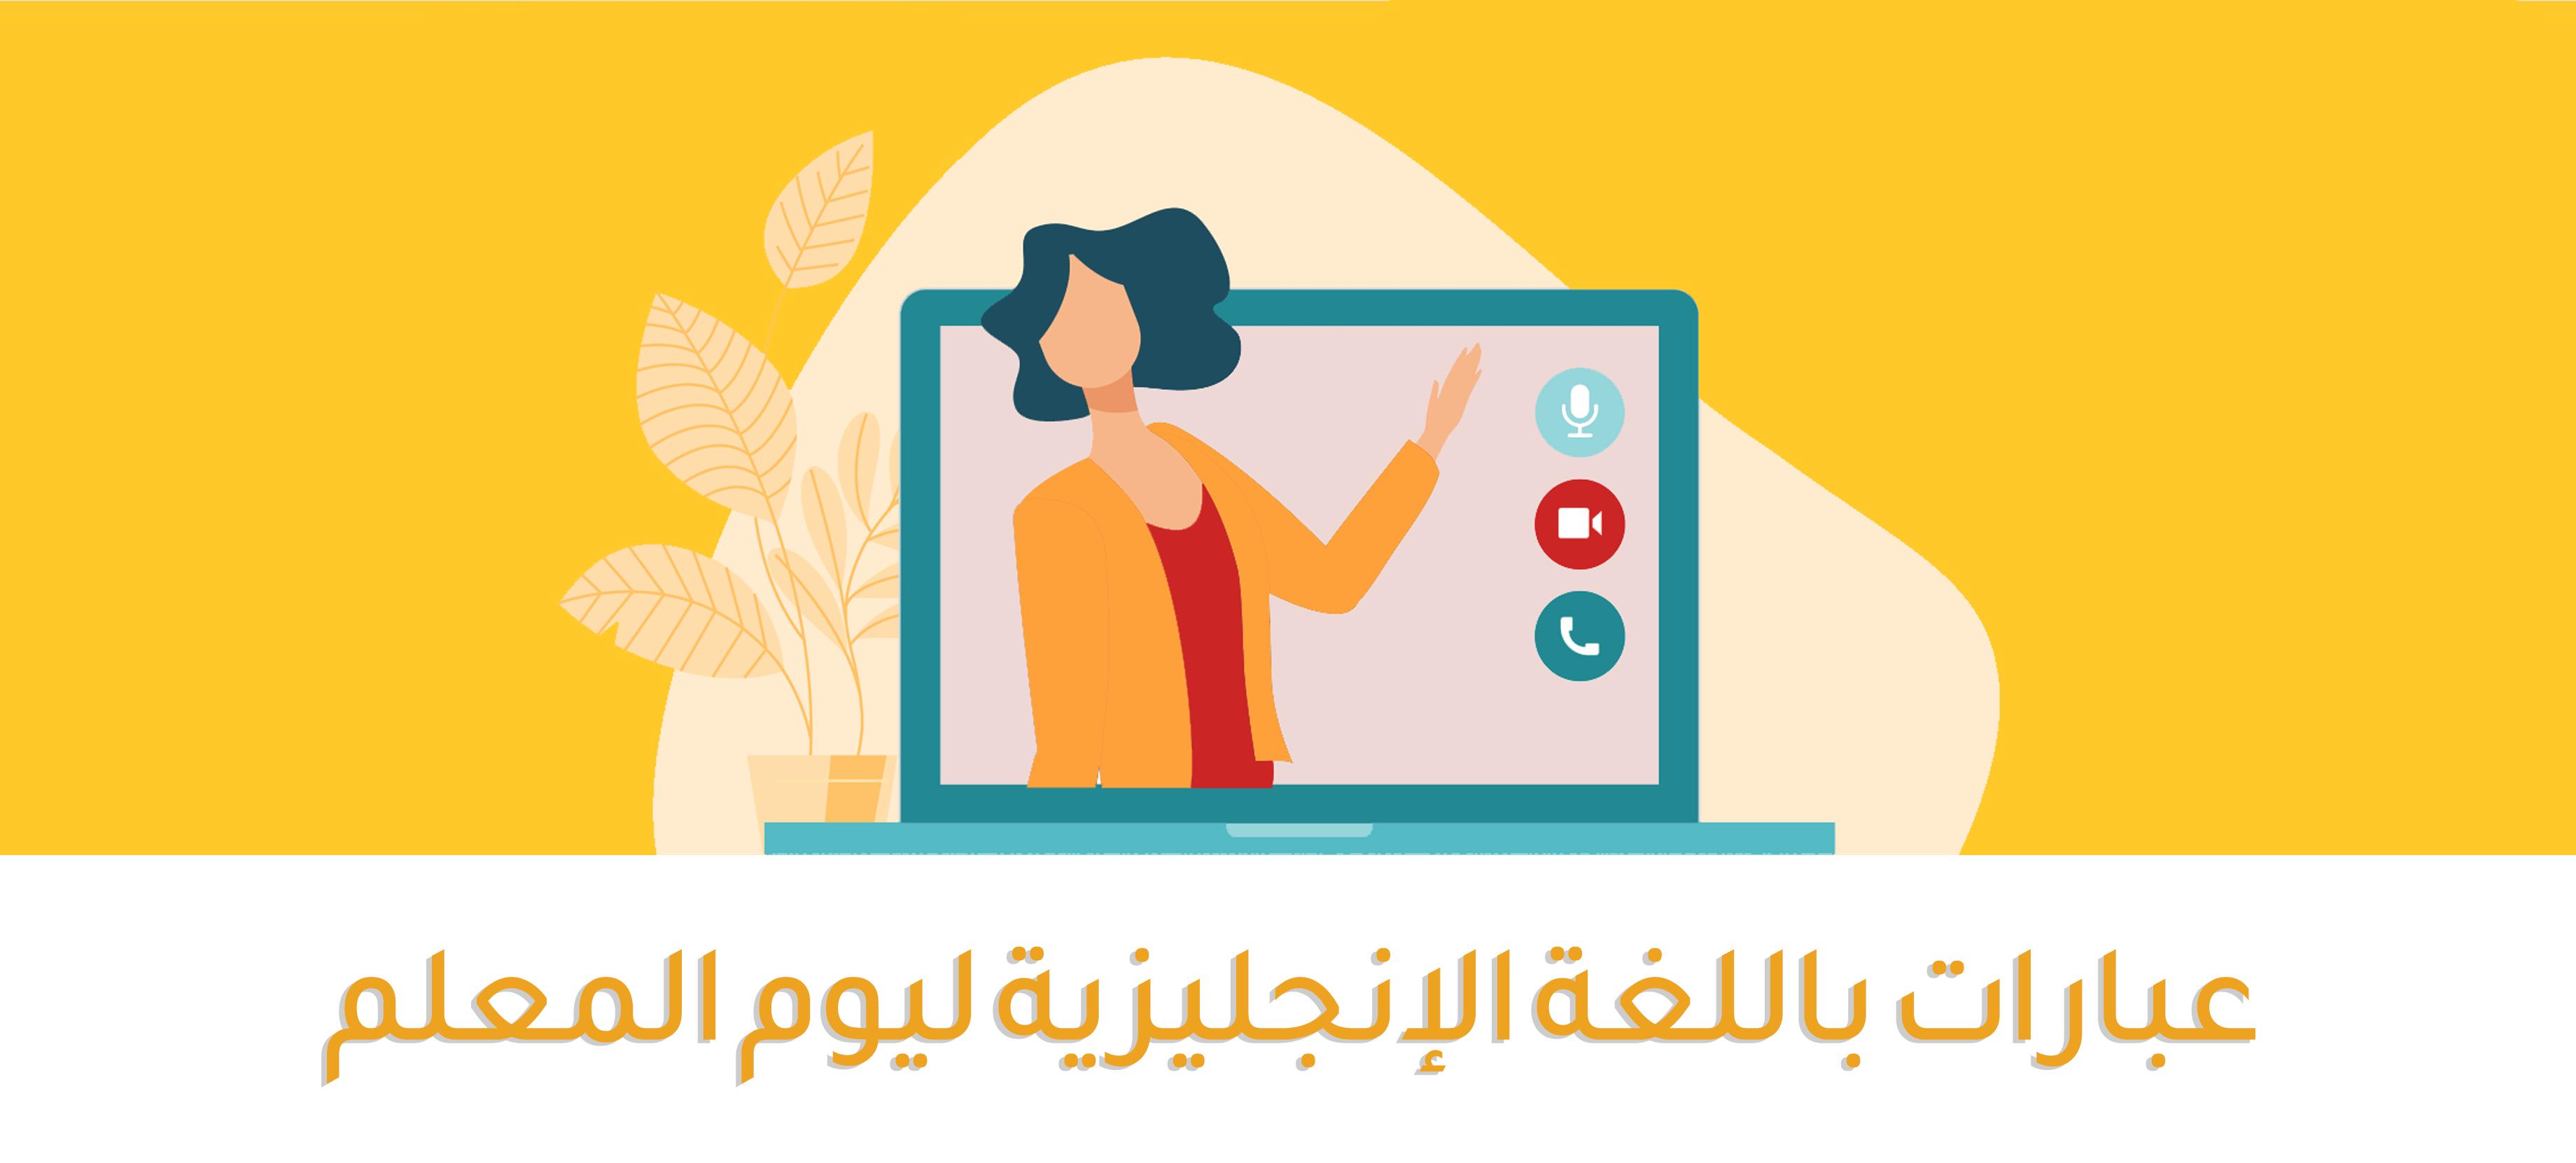 عبارات باللغة الإنجليزية لمعلمك في يوم المعلم مدونة كامبلي العربية Cambly Arabic Blog